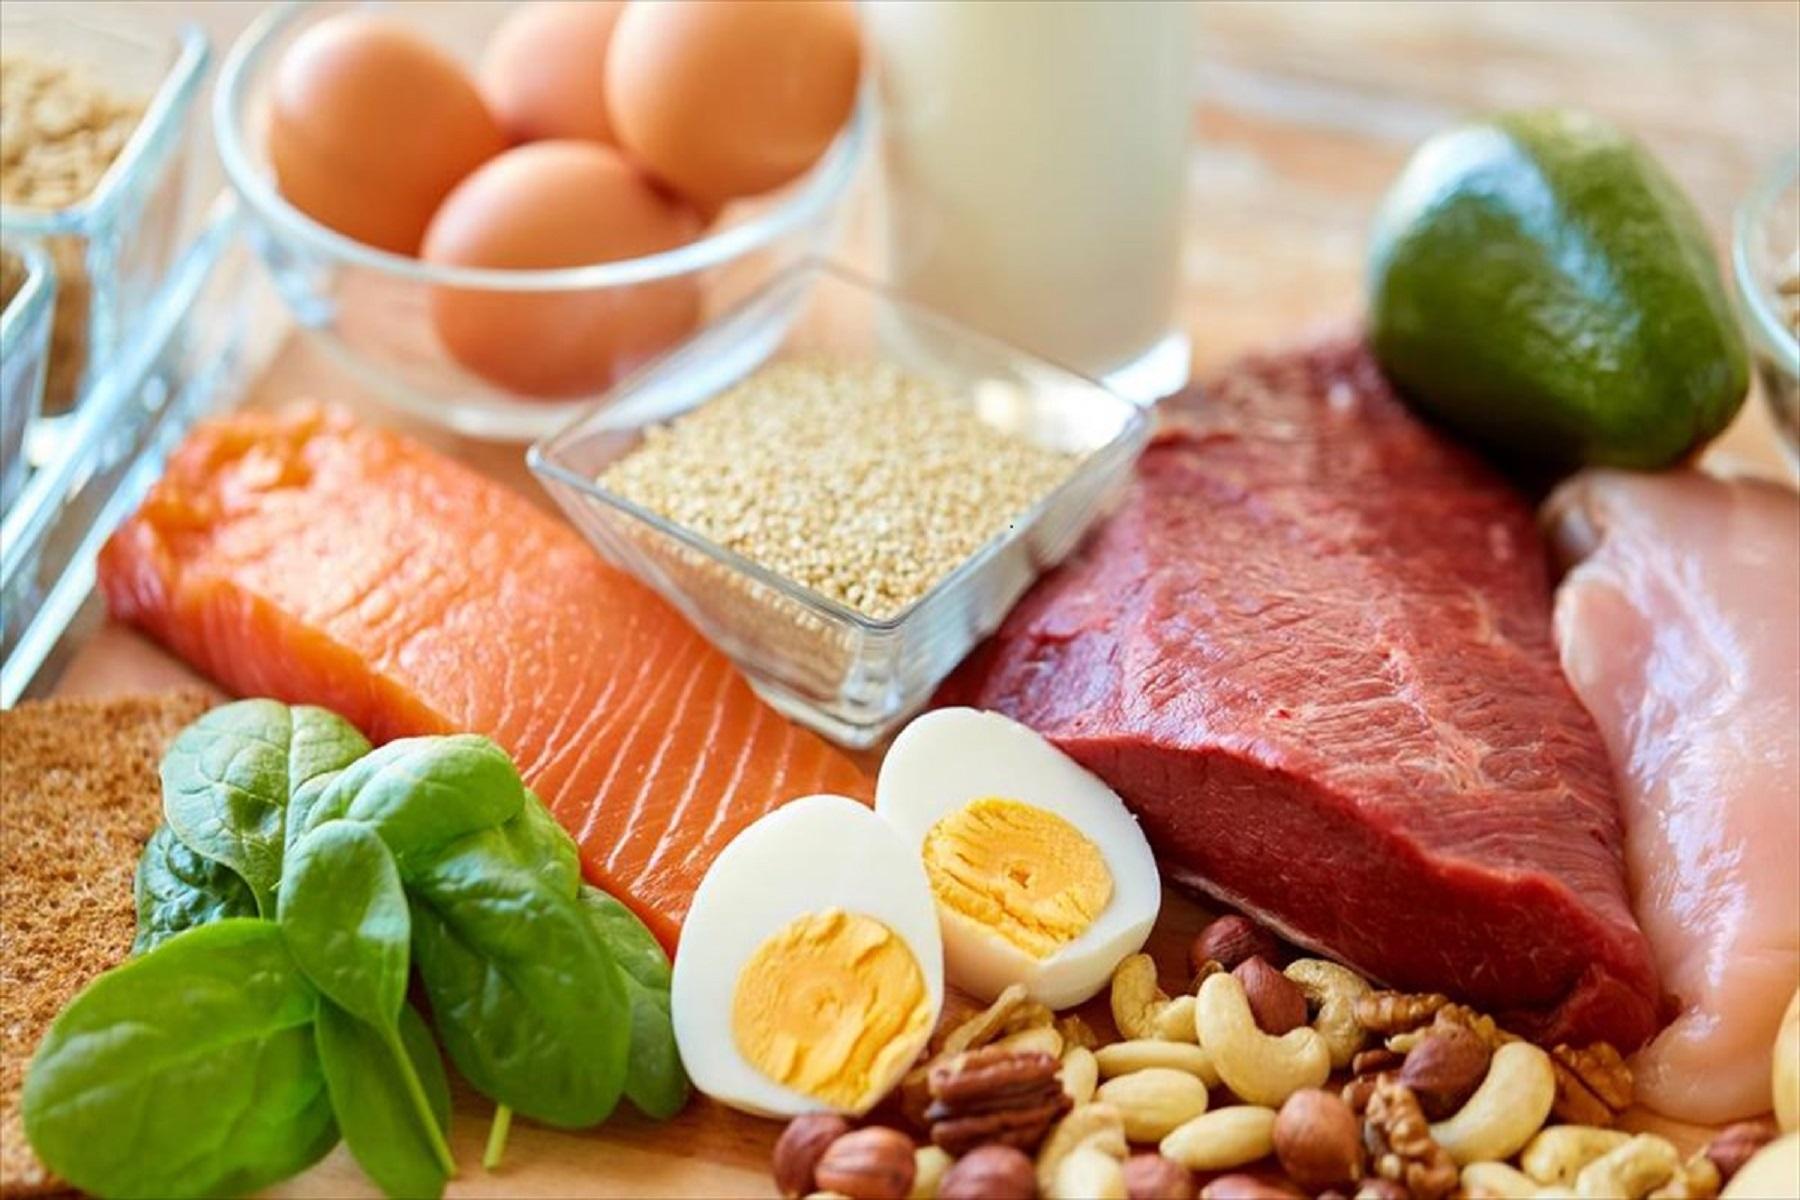 Κόπωση Αιτίες: Σημάδια ότι χρειάζεται να καταναλώνετε περισσότερη πρωτεΐνη.